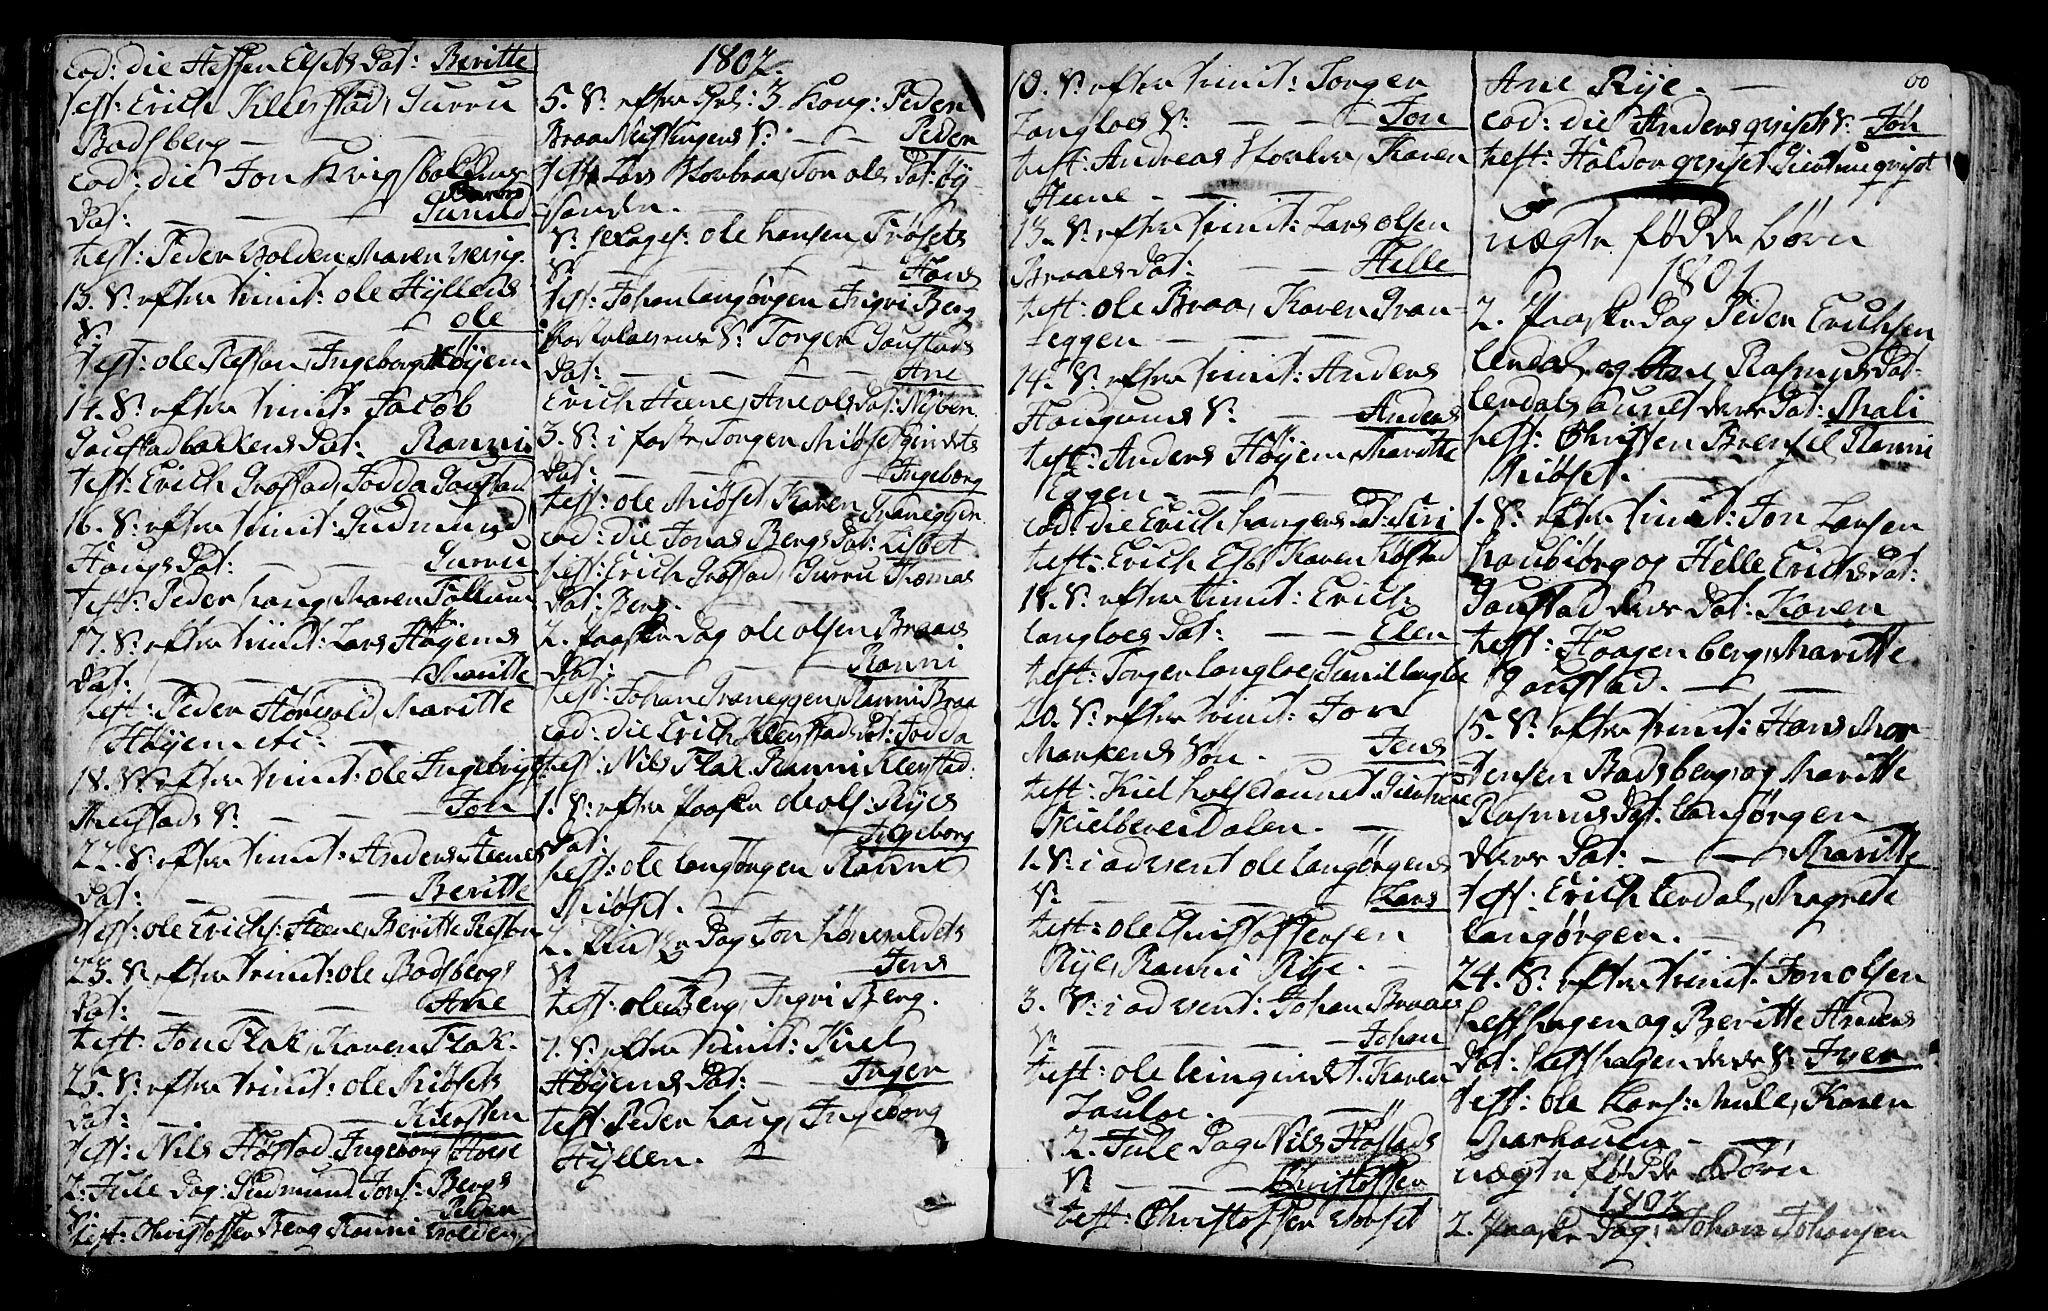 SAT, Ministerialprotokoller, klokkerbøker og fødselsregistre - Sør-Trøndelag, 612/L0370: Ministerialbok nr. 612A04, 1754-1802, s. 60